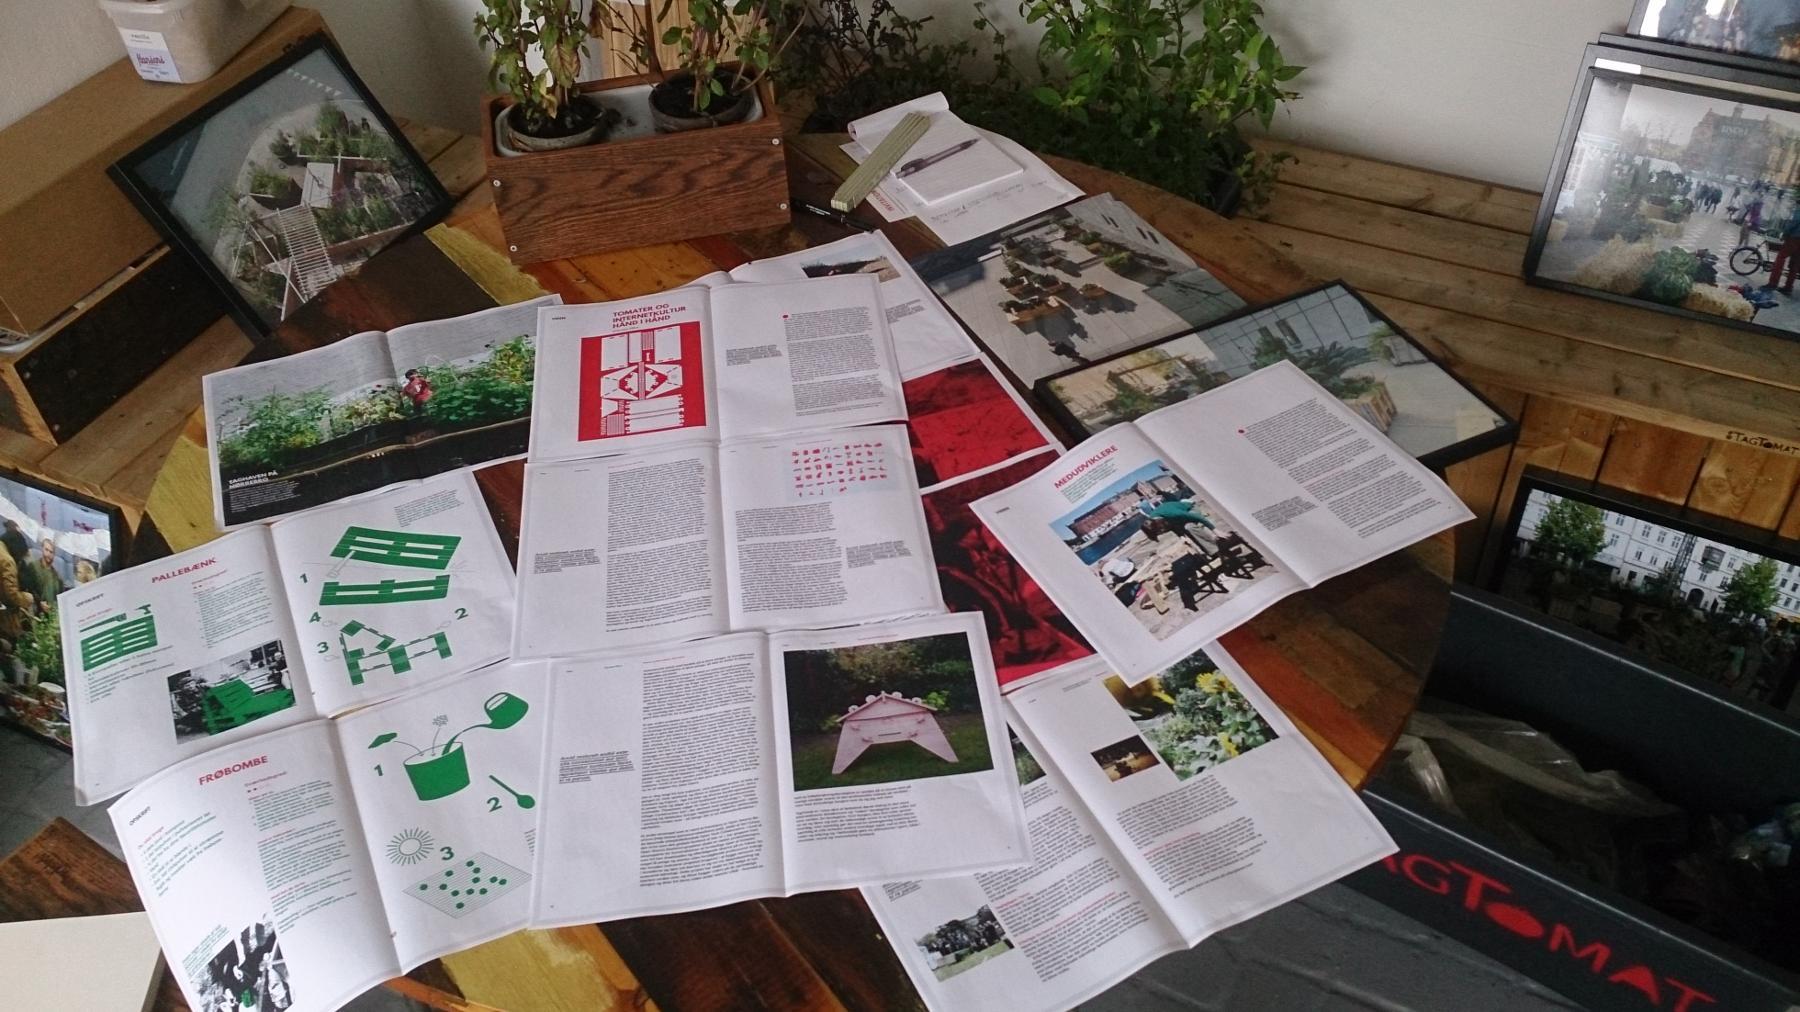 Forudbestil BogTomat - om grønne fællesskaber i byen